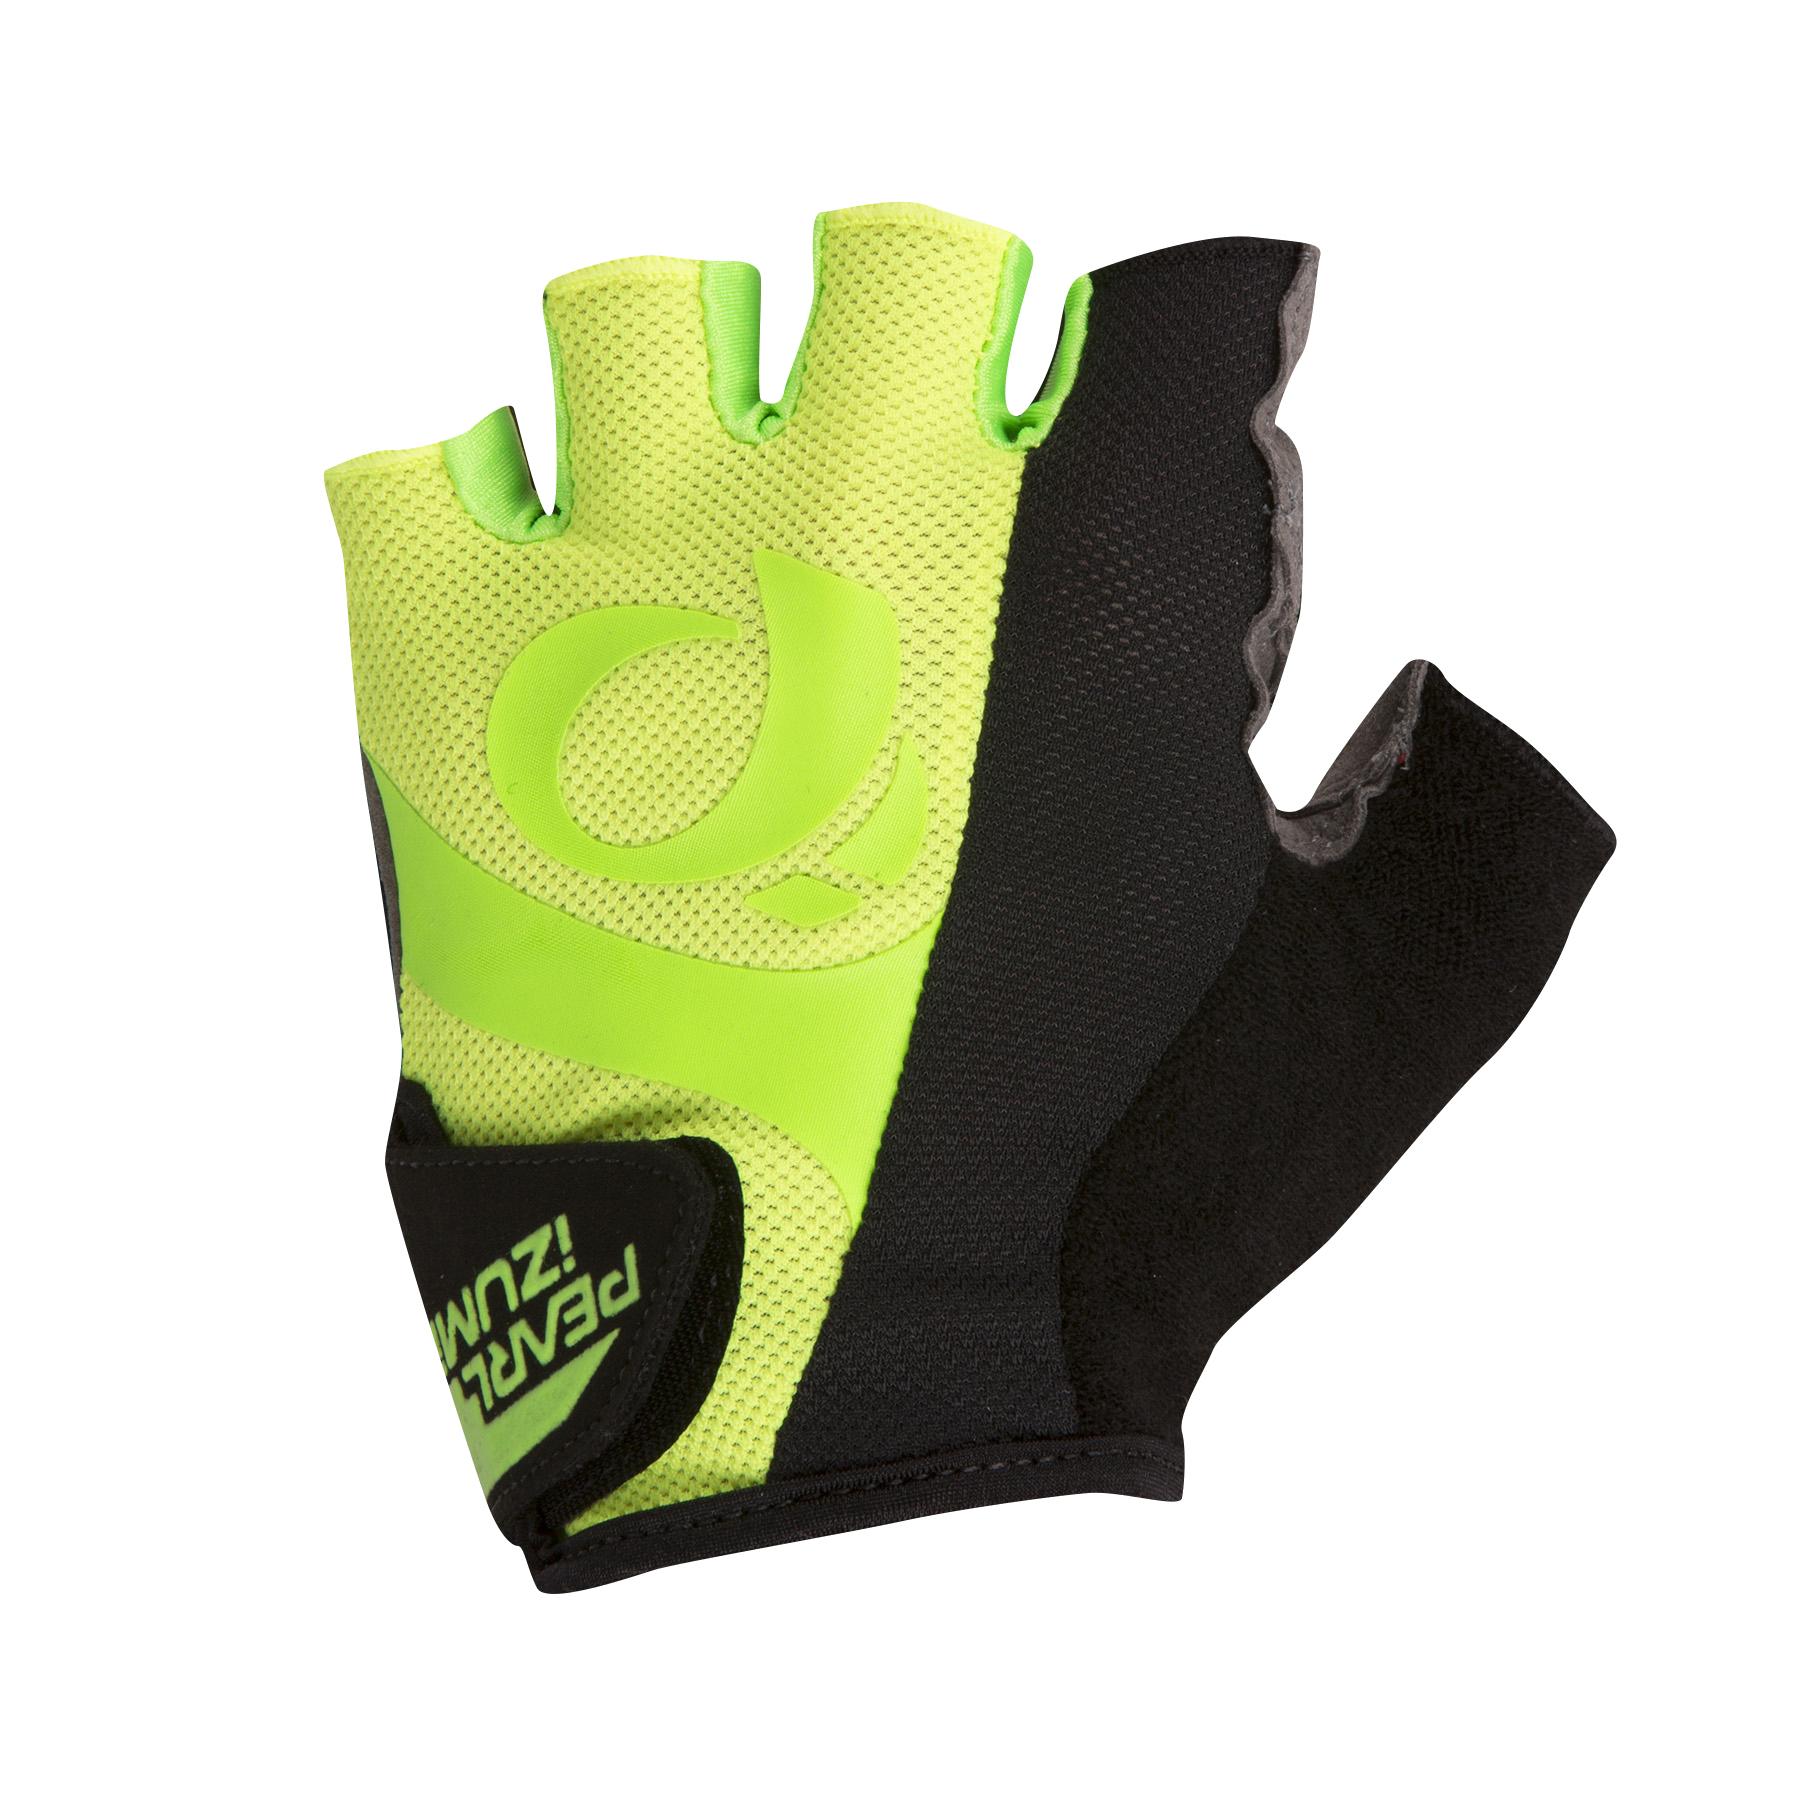 Fingerless gloves edmonton - Fingerless Gloves Edmonton 16